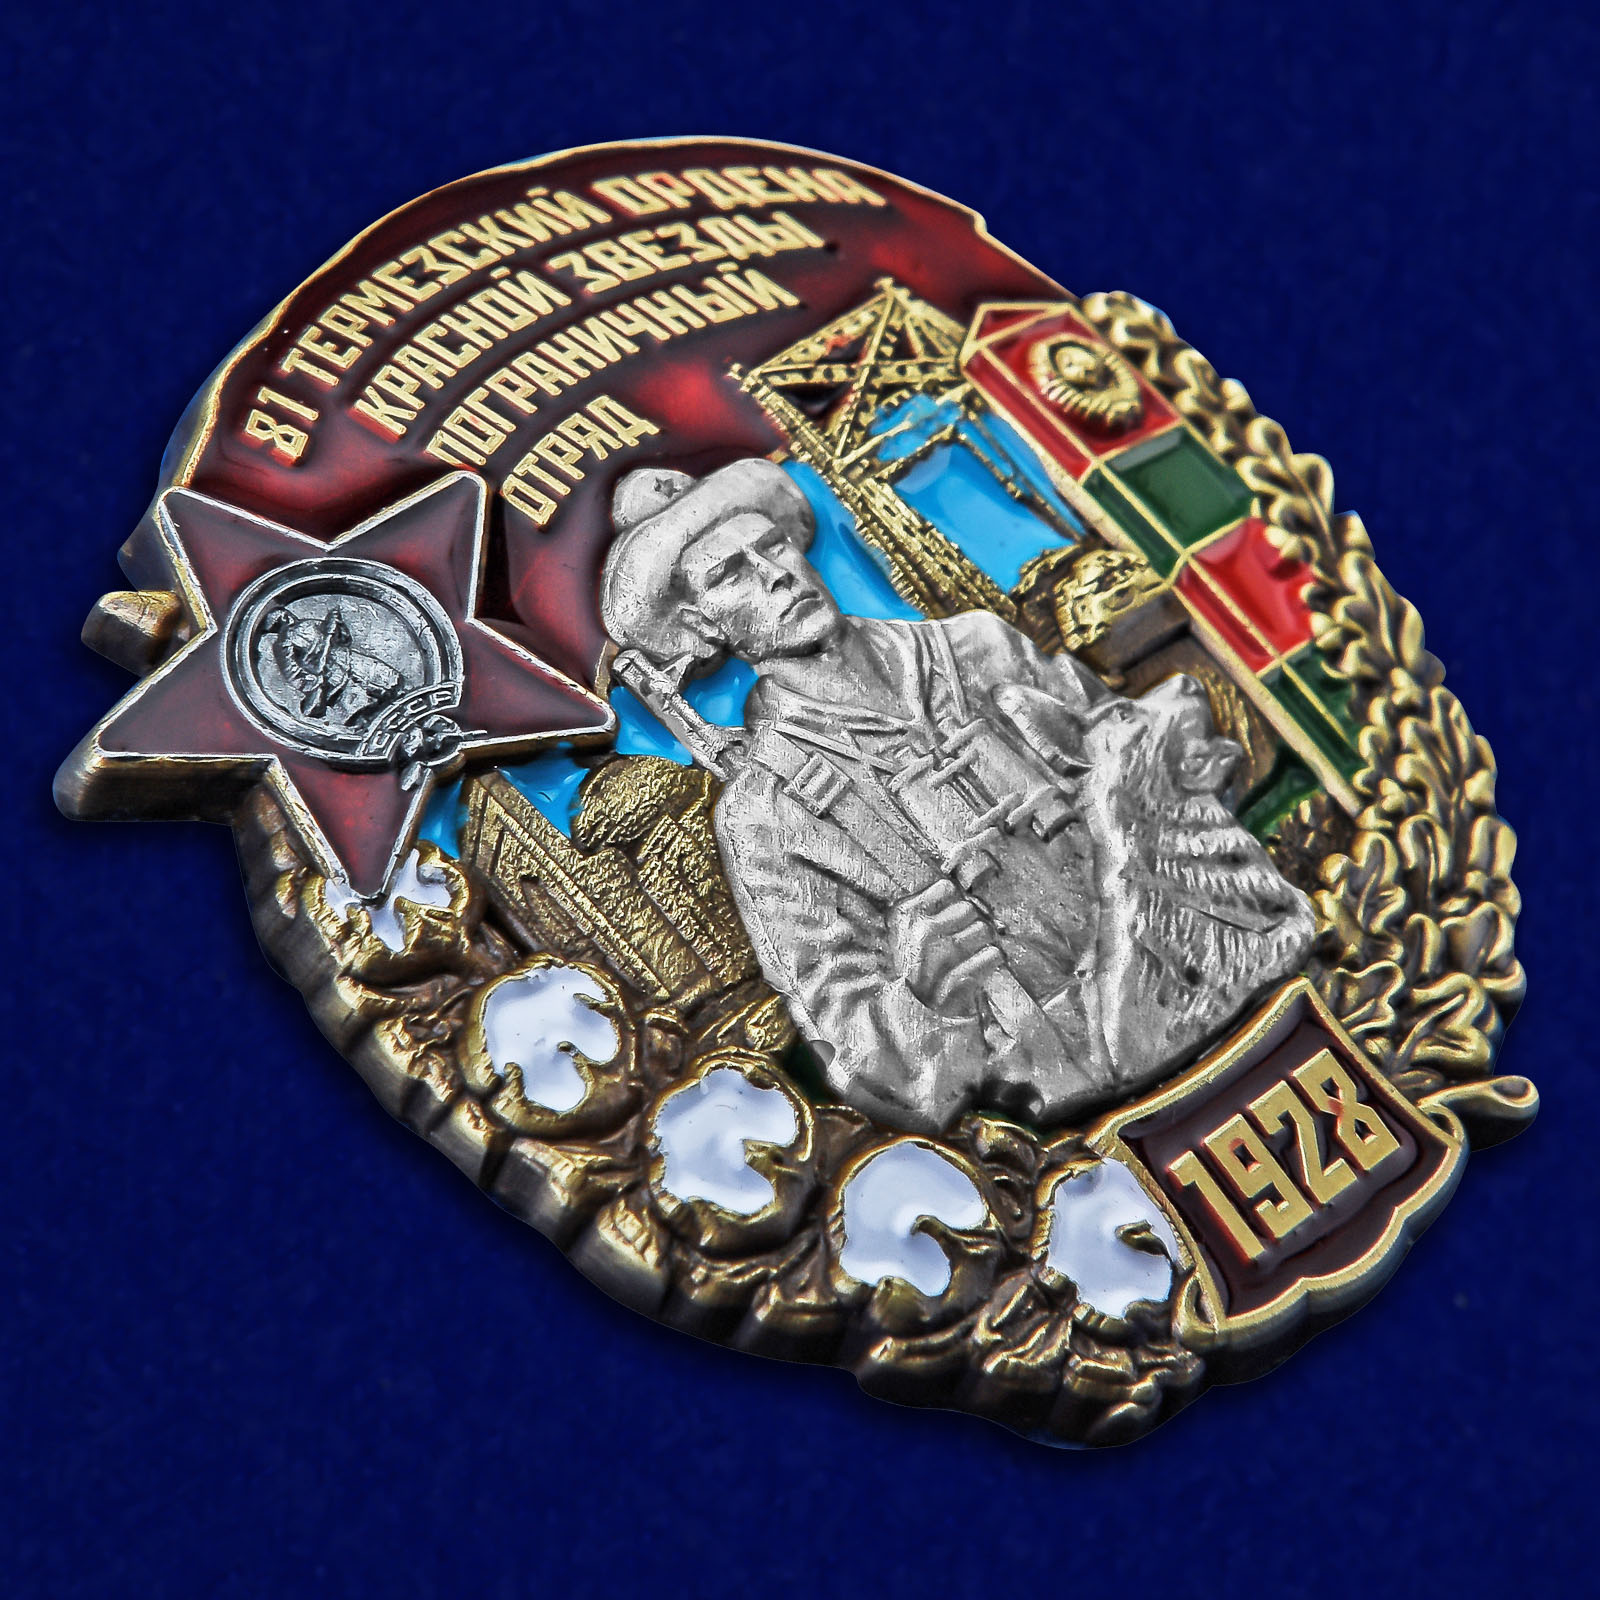 Нагрудный знак 81 Термезский ордена Красной Звезды пограничный отряд - общий вид